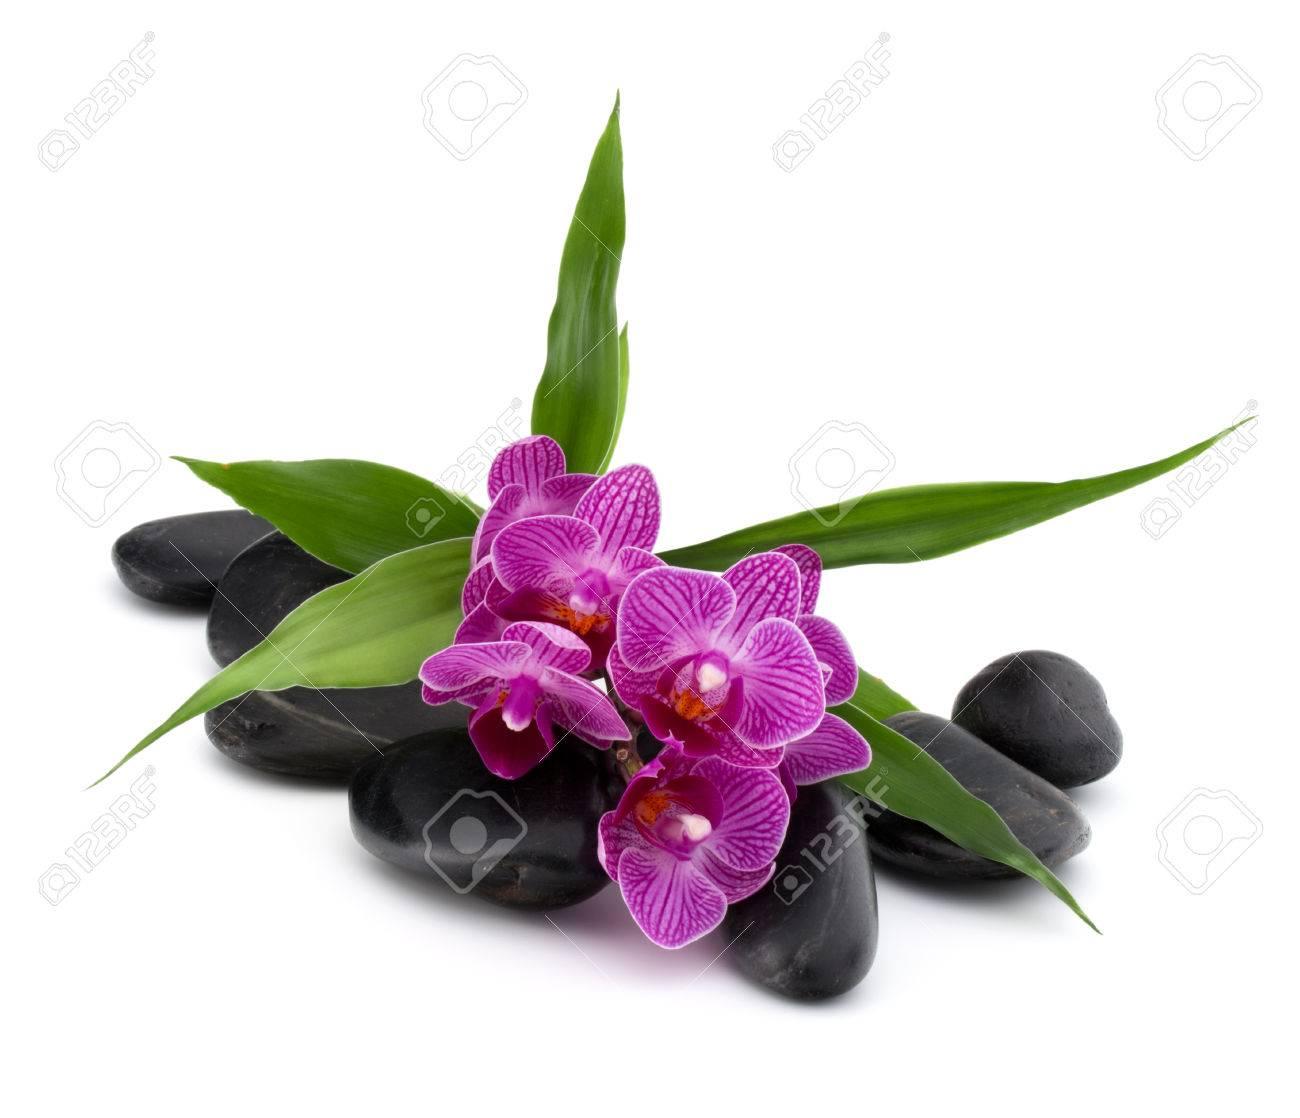 Cailloux zen et fleur d'orchidée  Pierre spa et le concept de soins de  santé